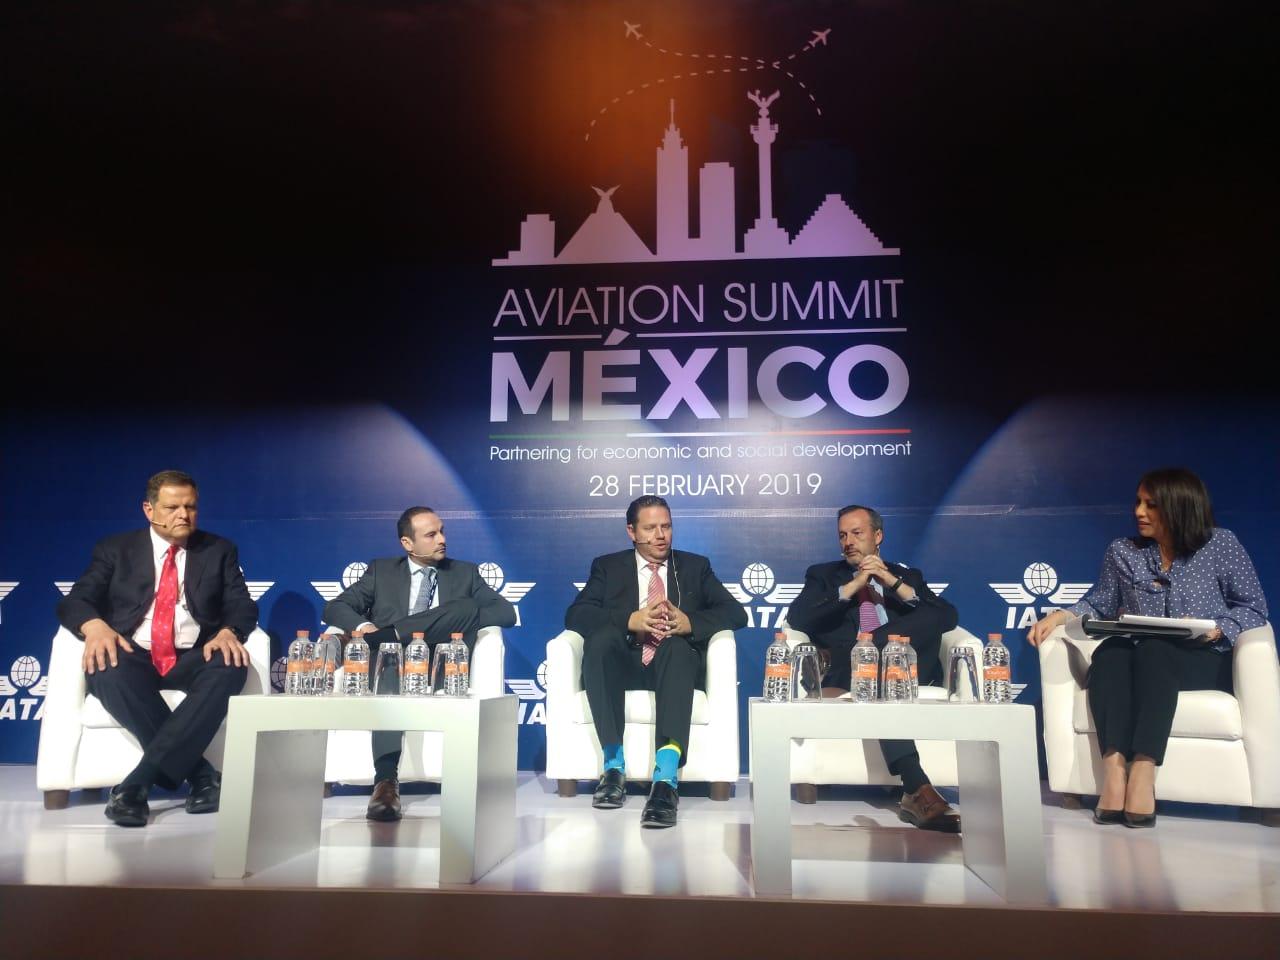 Trabajo en conjunto y diálogo: Conclusiones tras el exitoso Aviation Summit de México